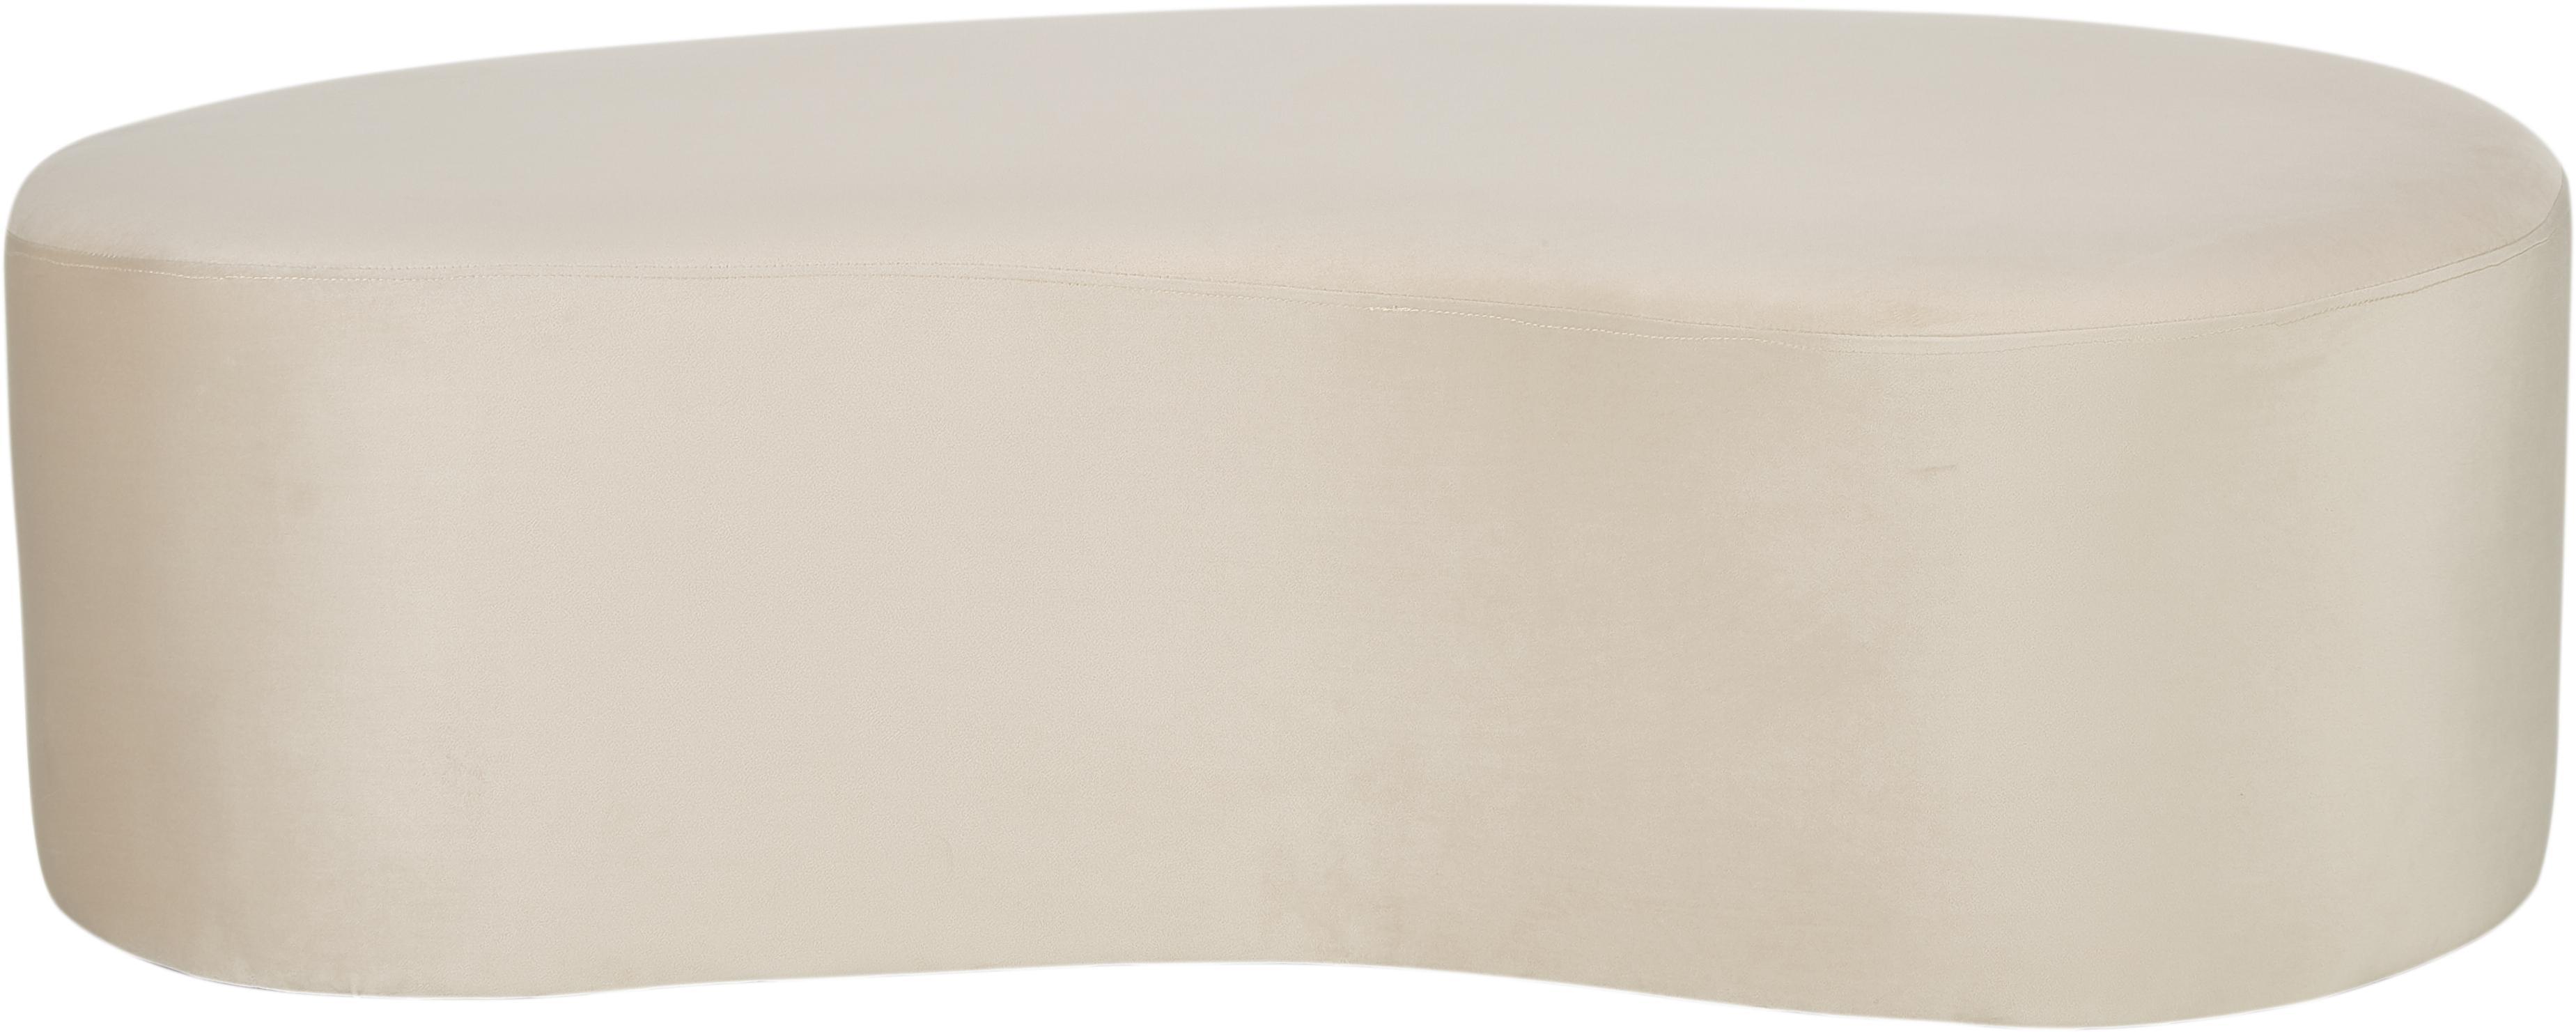 Puf z aksamitu  Horta, Poliester, Złamana biel, S 60 x W 36 cm